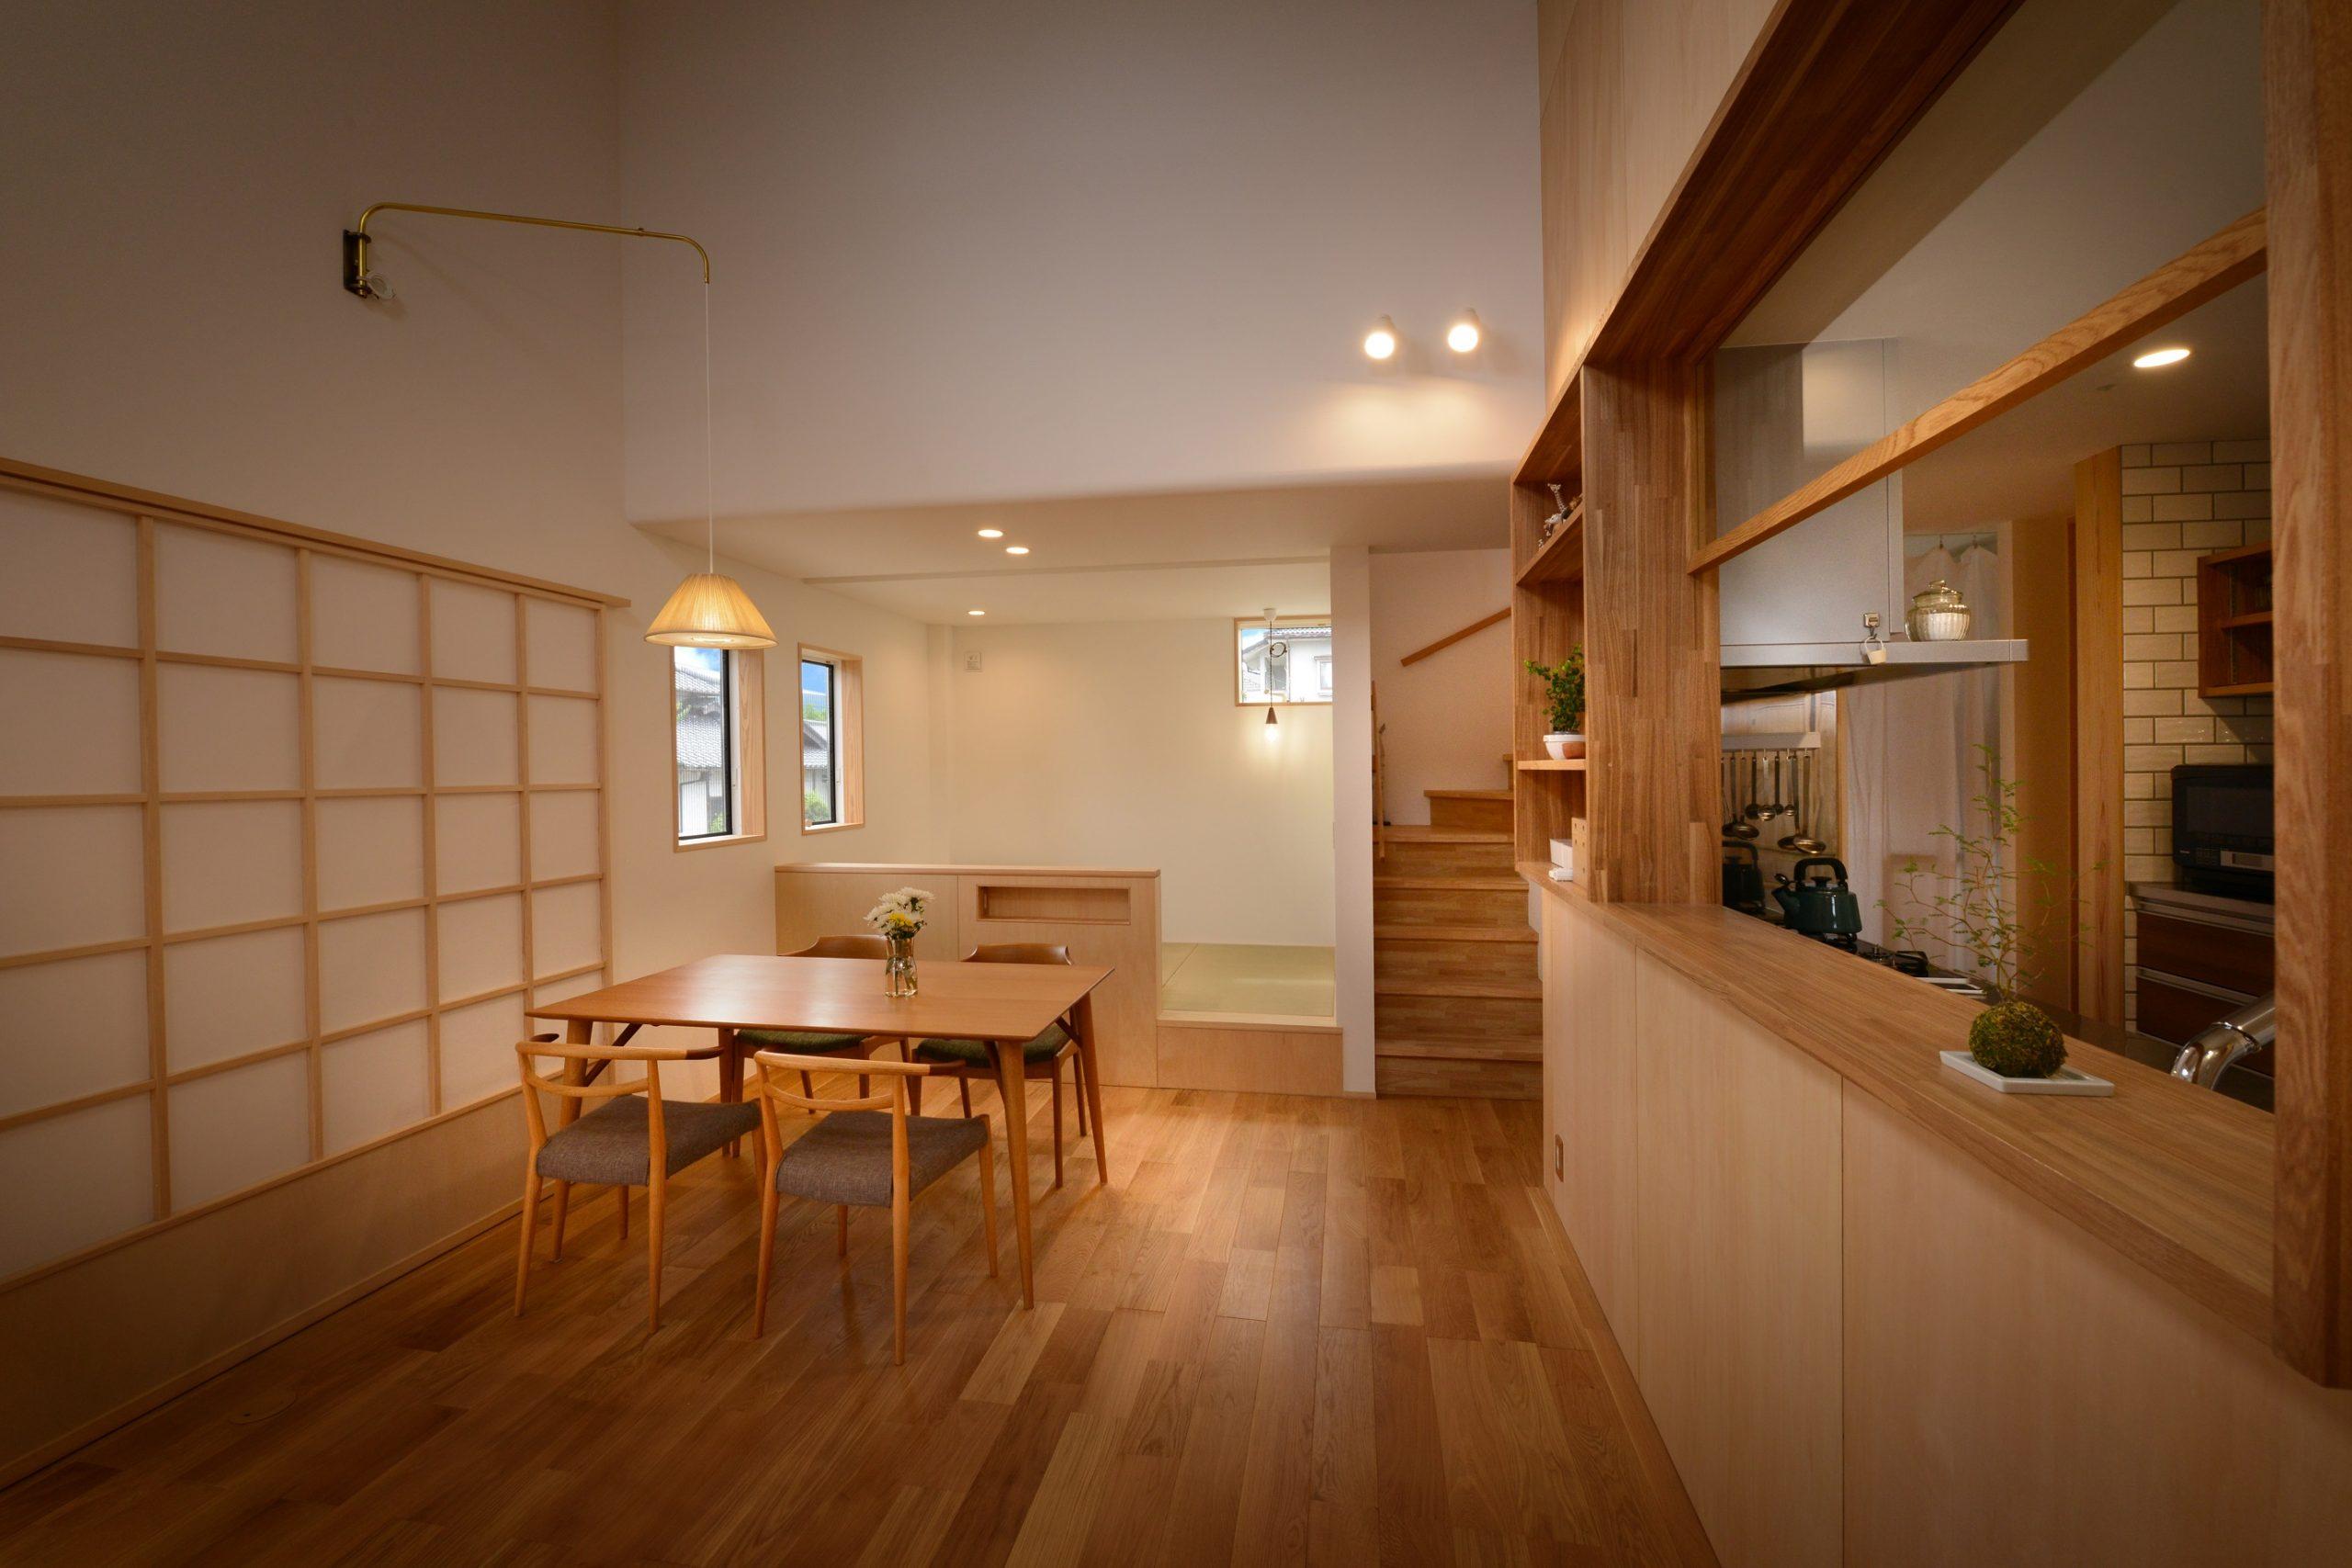 滴水(たるみず)の住宅:奥様の好きなテイストでキッチンを設え、タモやオークをふんだんに使ったLDK。